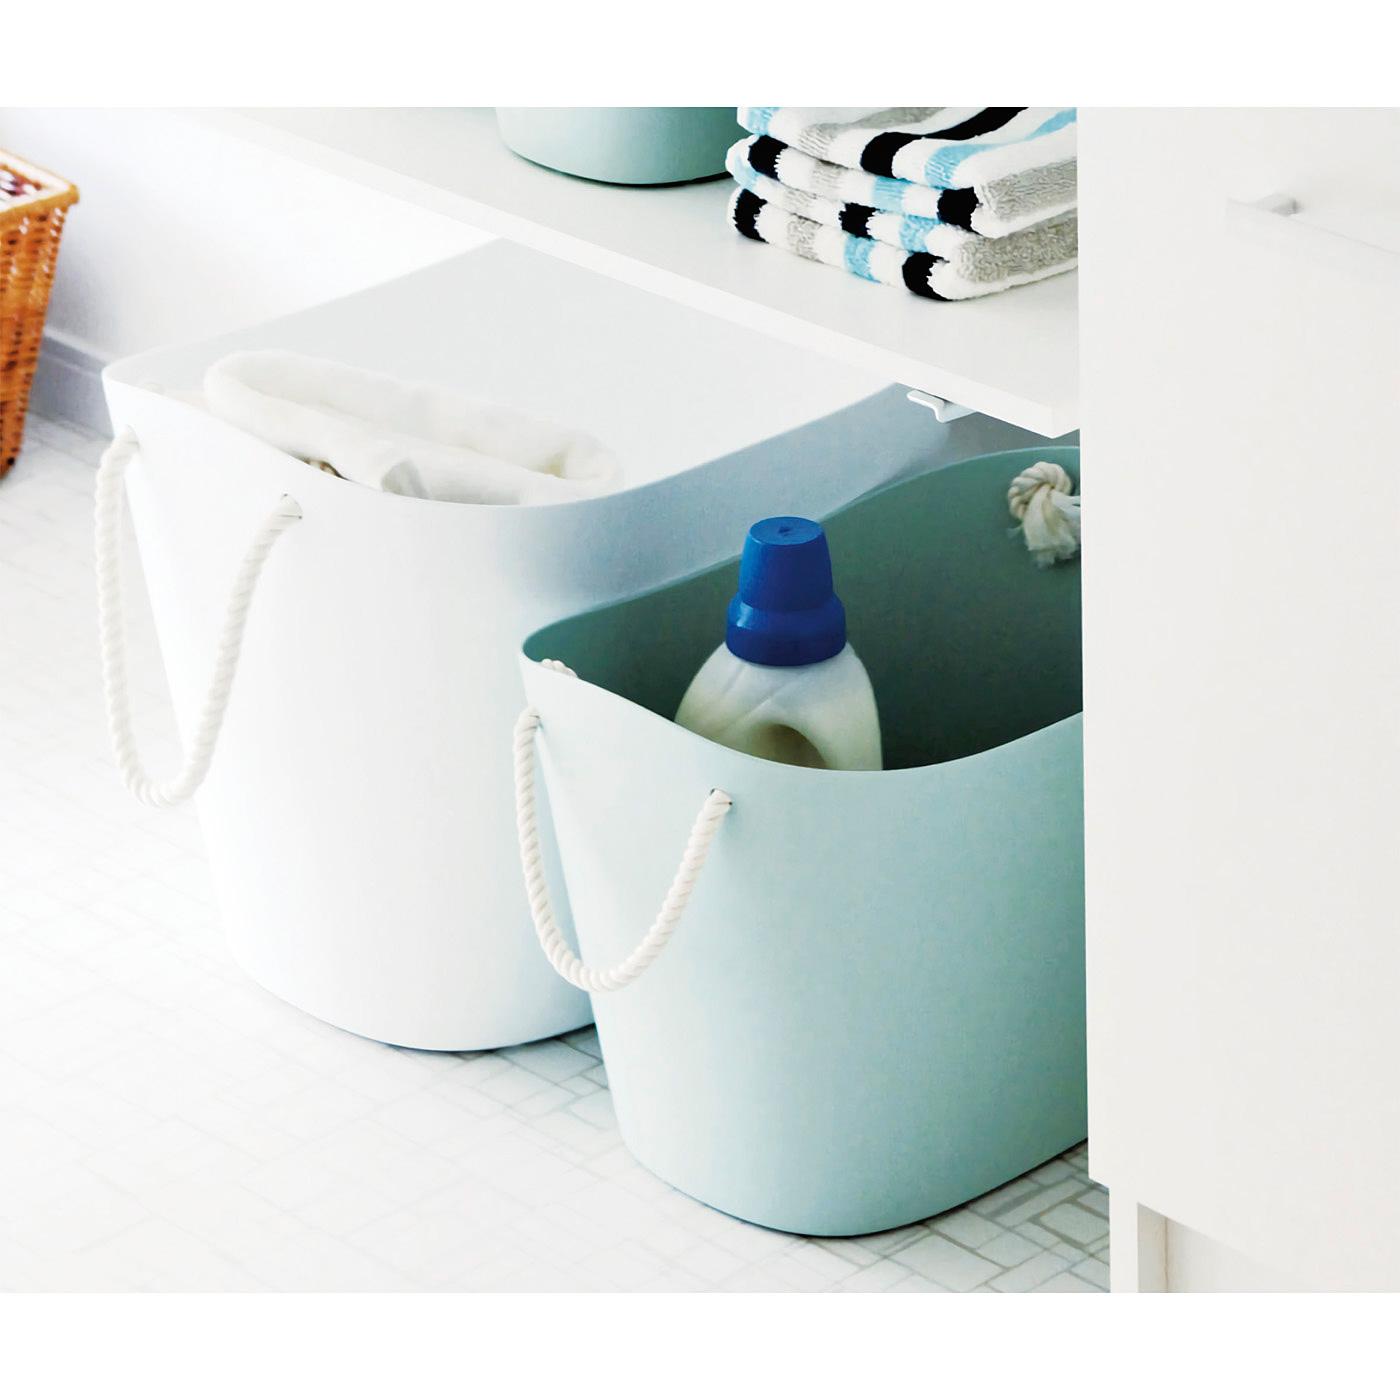 ランドリースペースで洗濯物や洗剤の収納も。